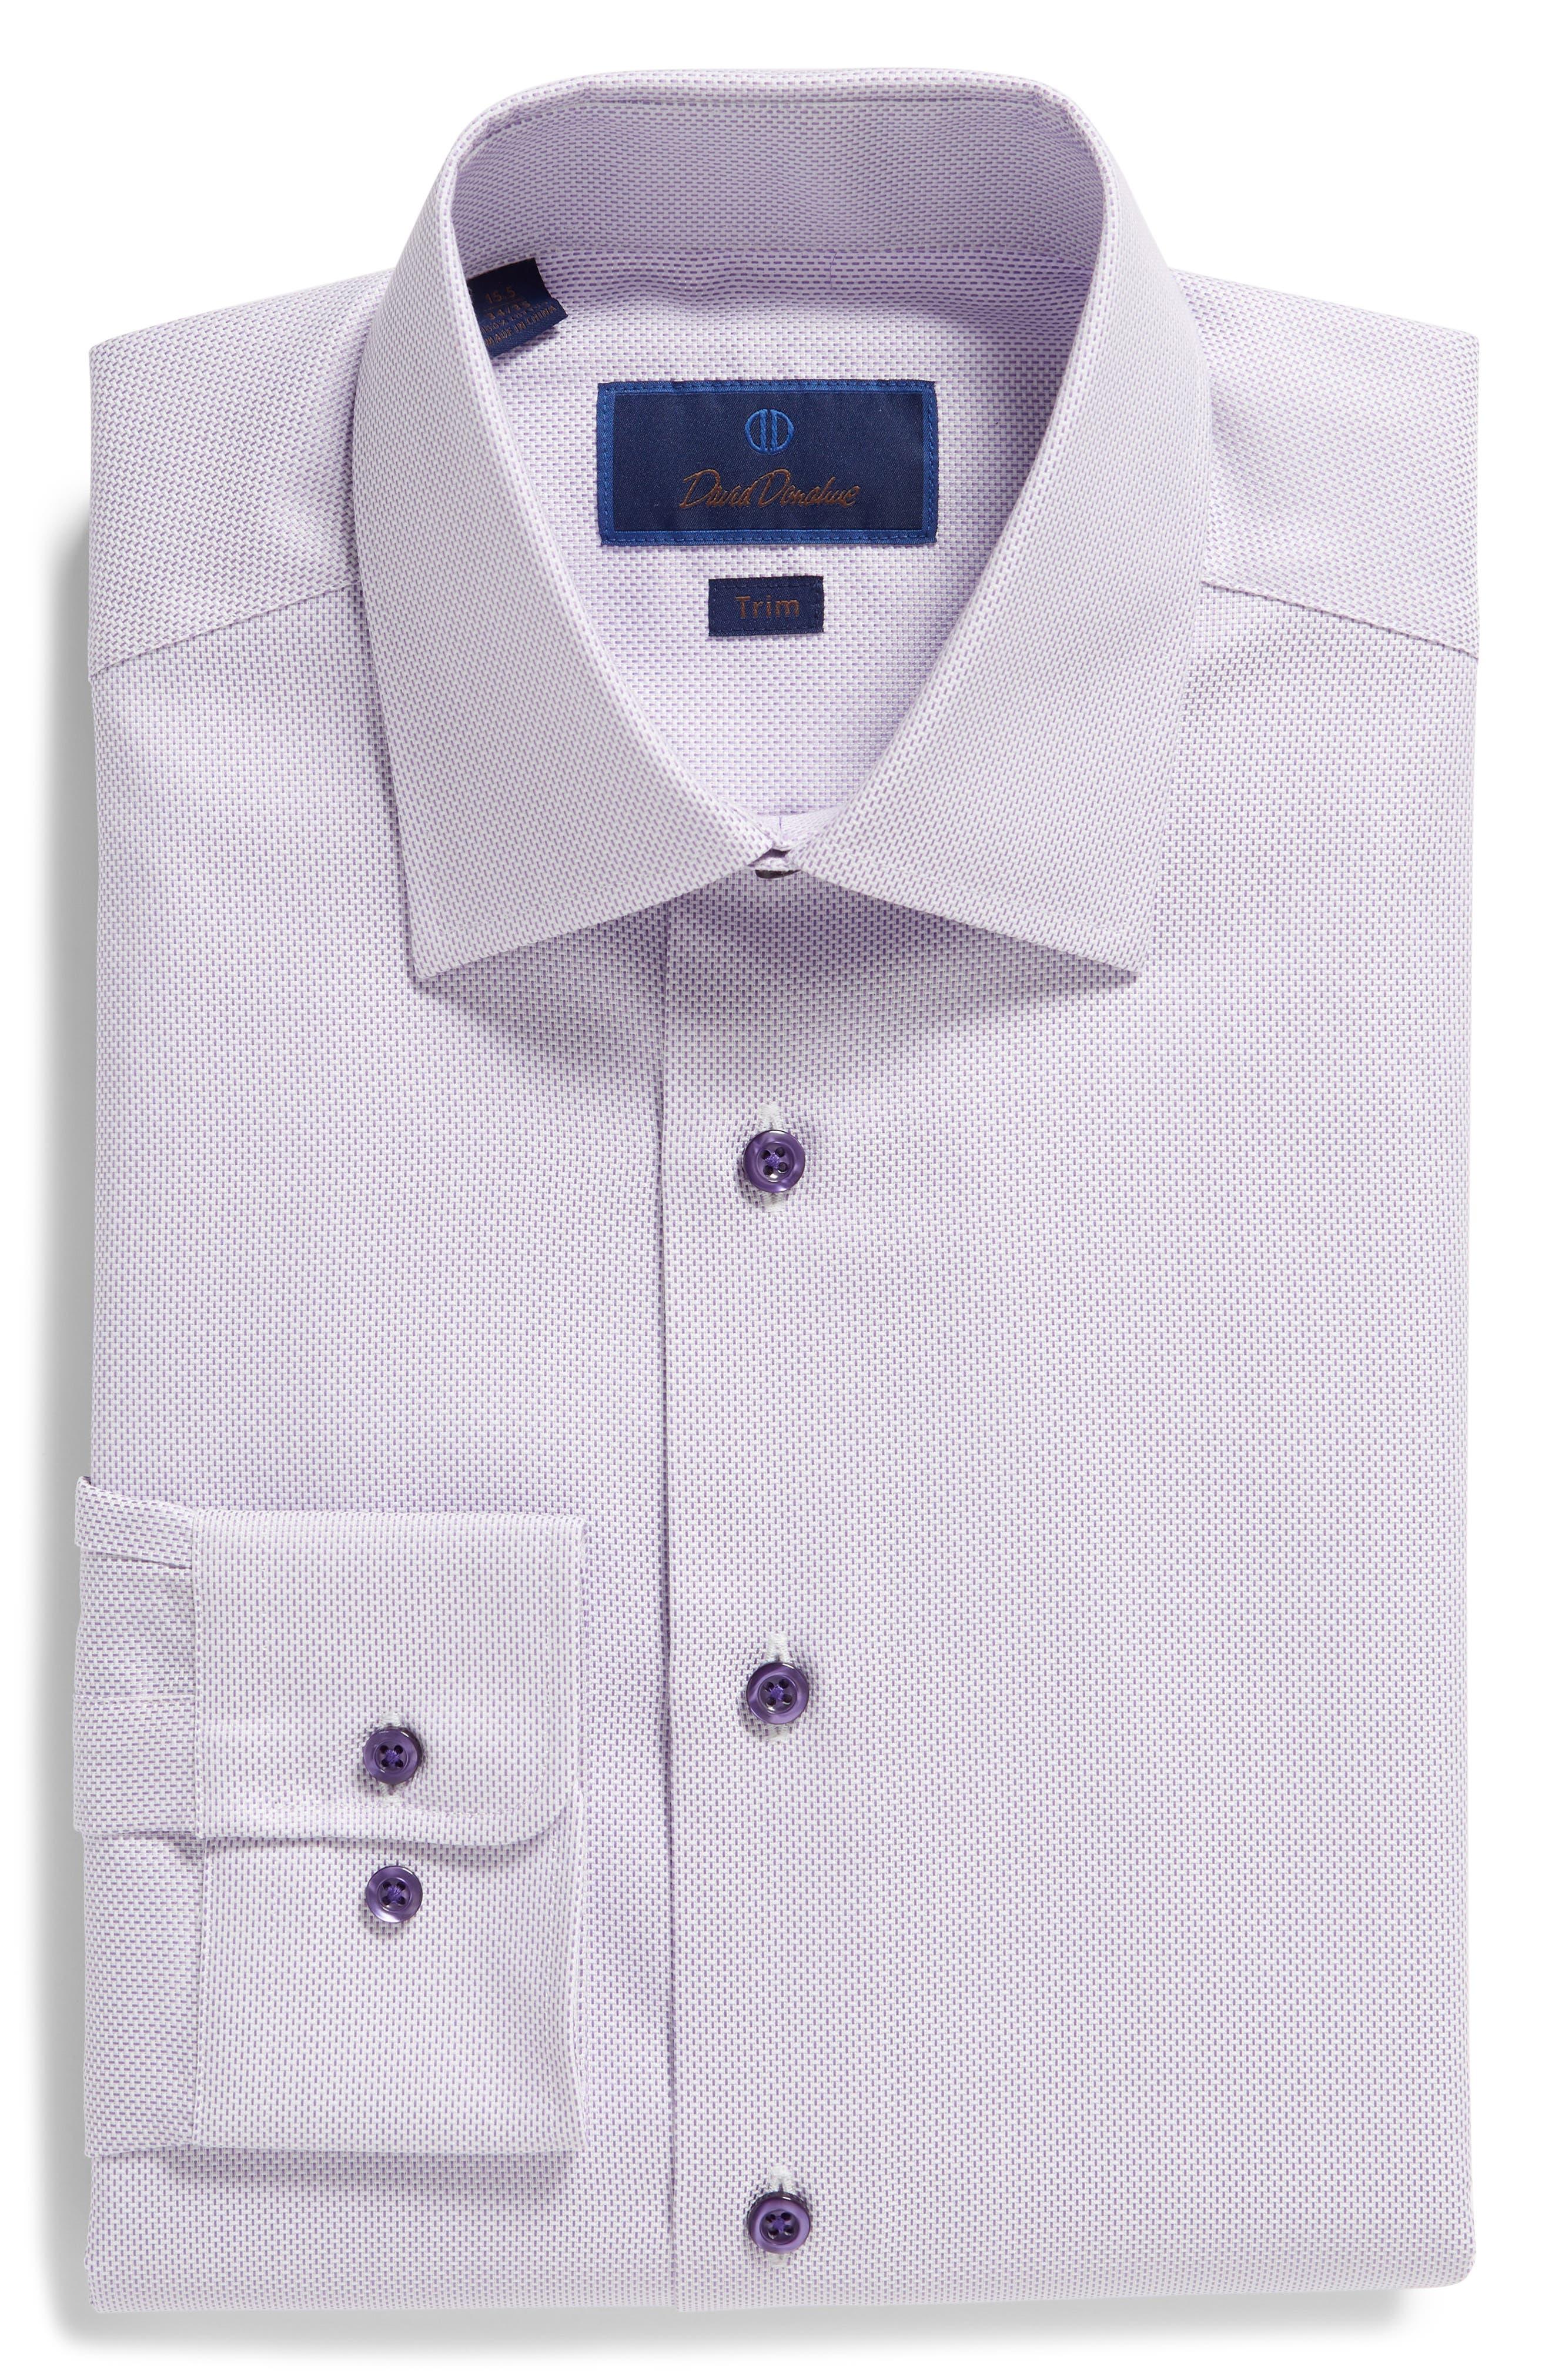 Trim Fit Dress Shirt,                             Alternate thumbnail 5, color,                             LILAC